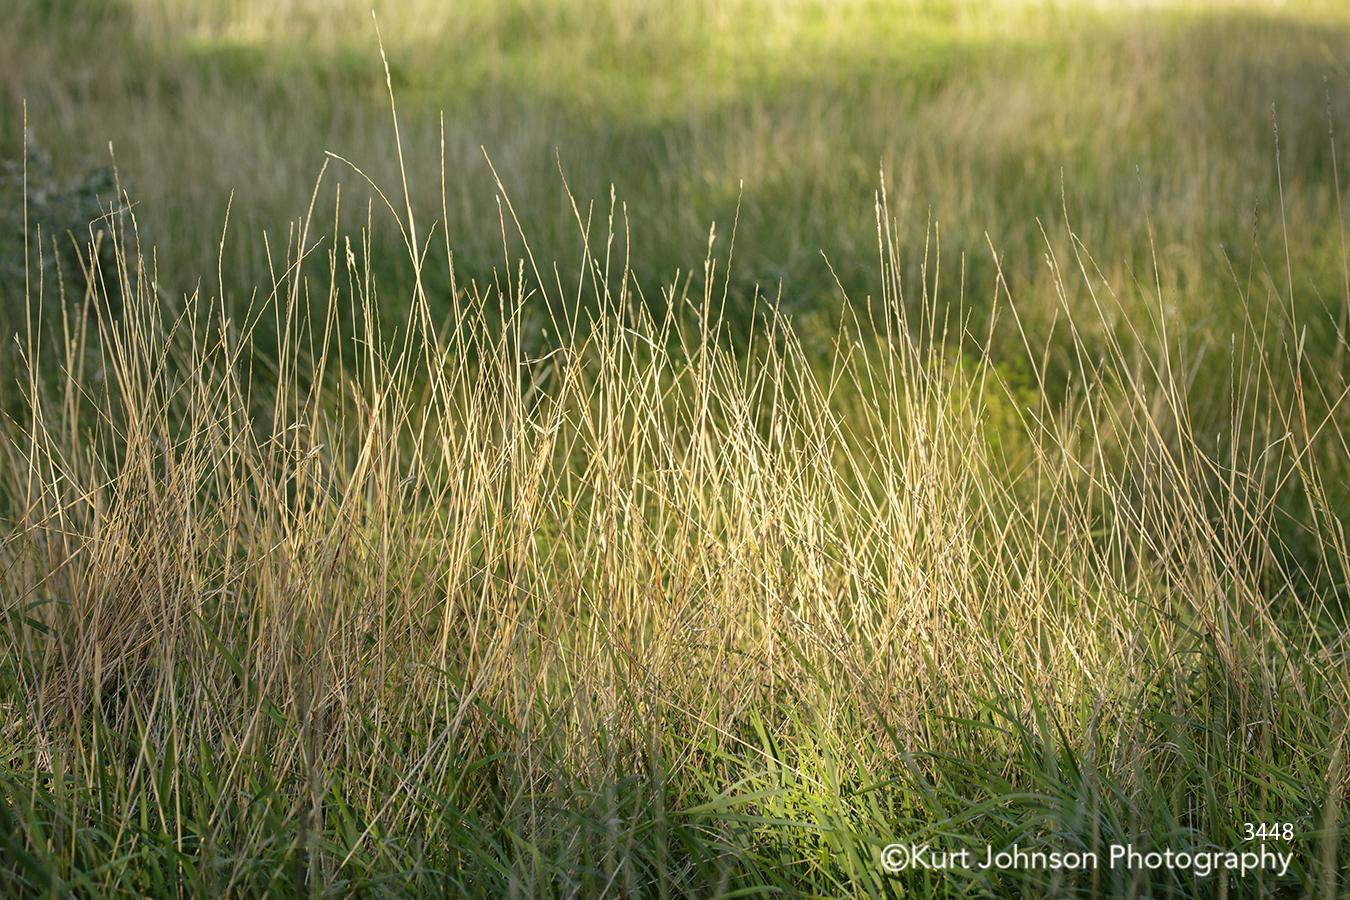 green tall grass grasses field lines pattern